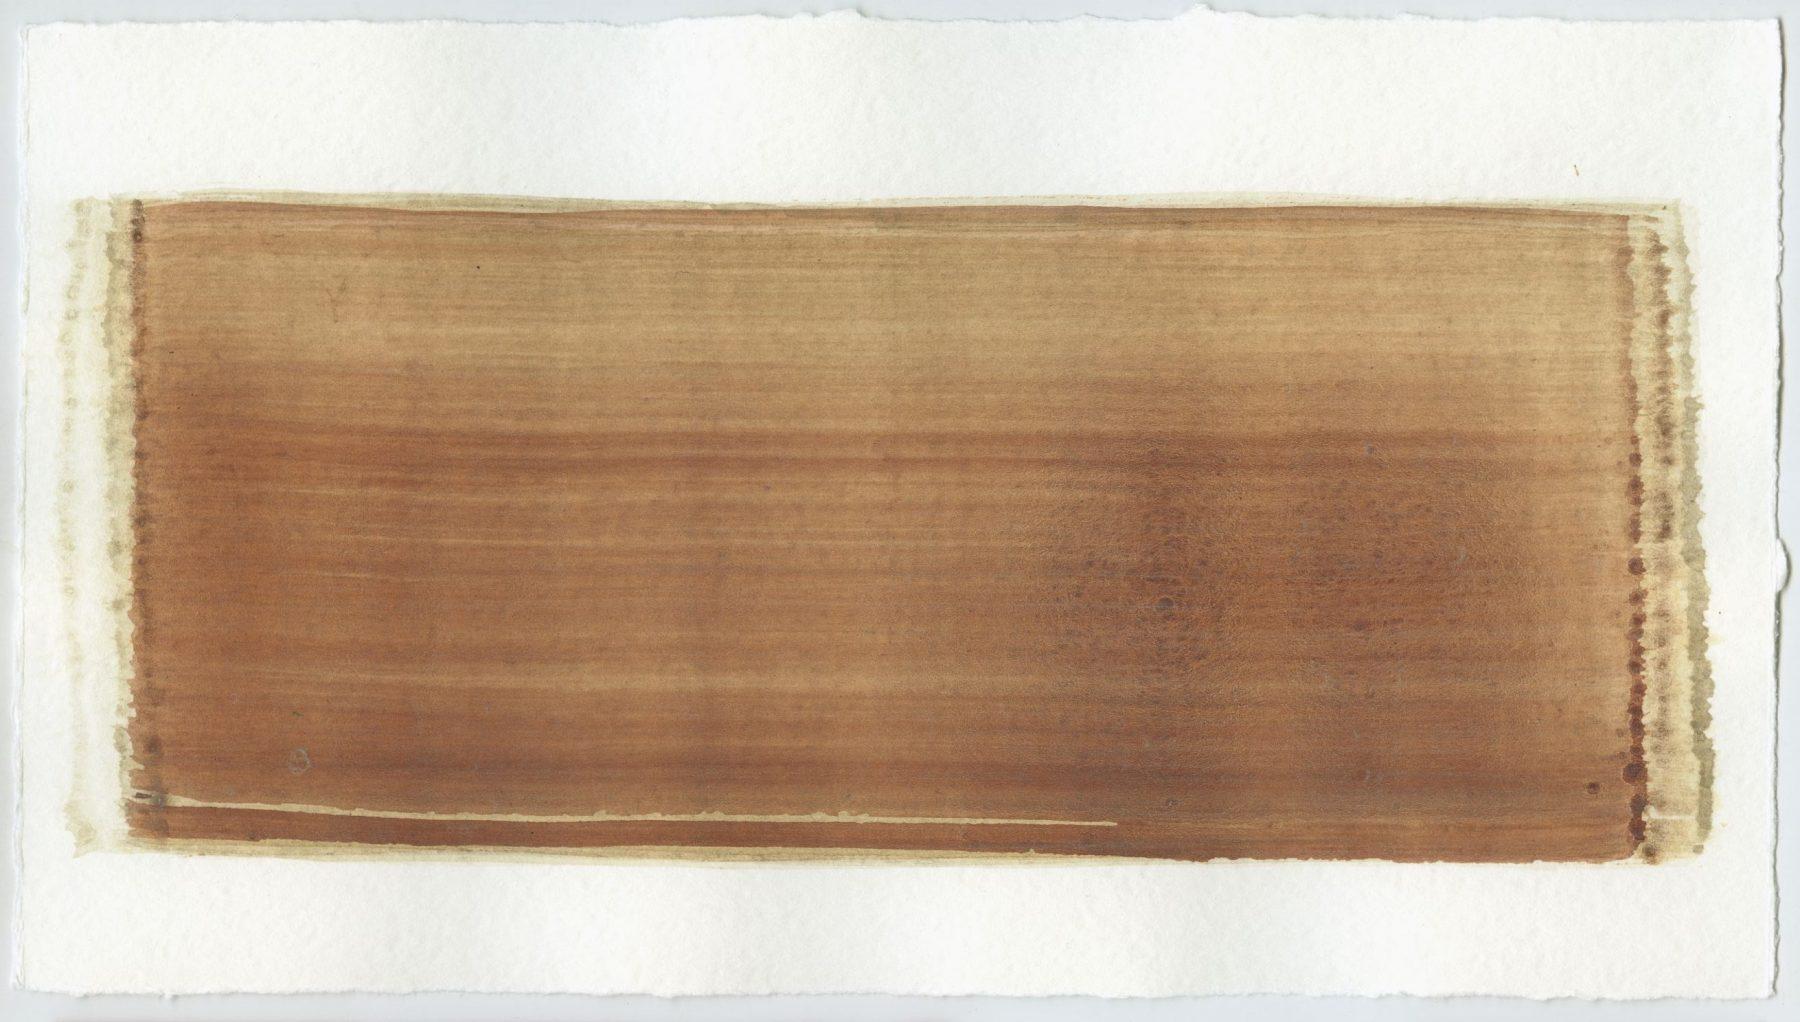 Brush stroke no. 103 - Selfmade pigment: IJzeroer gebrand, Perekker grijs